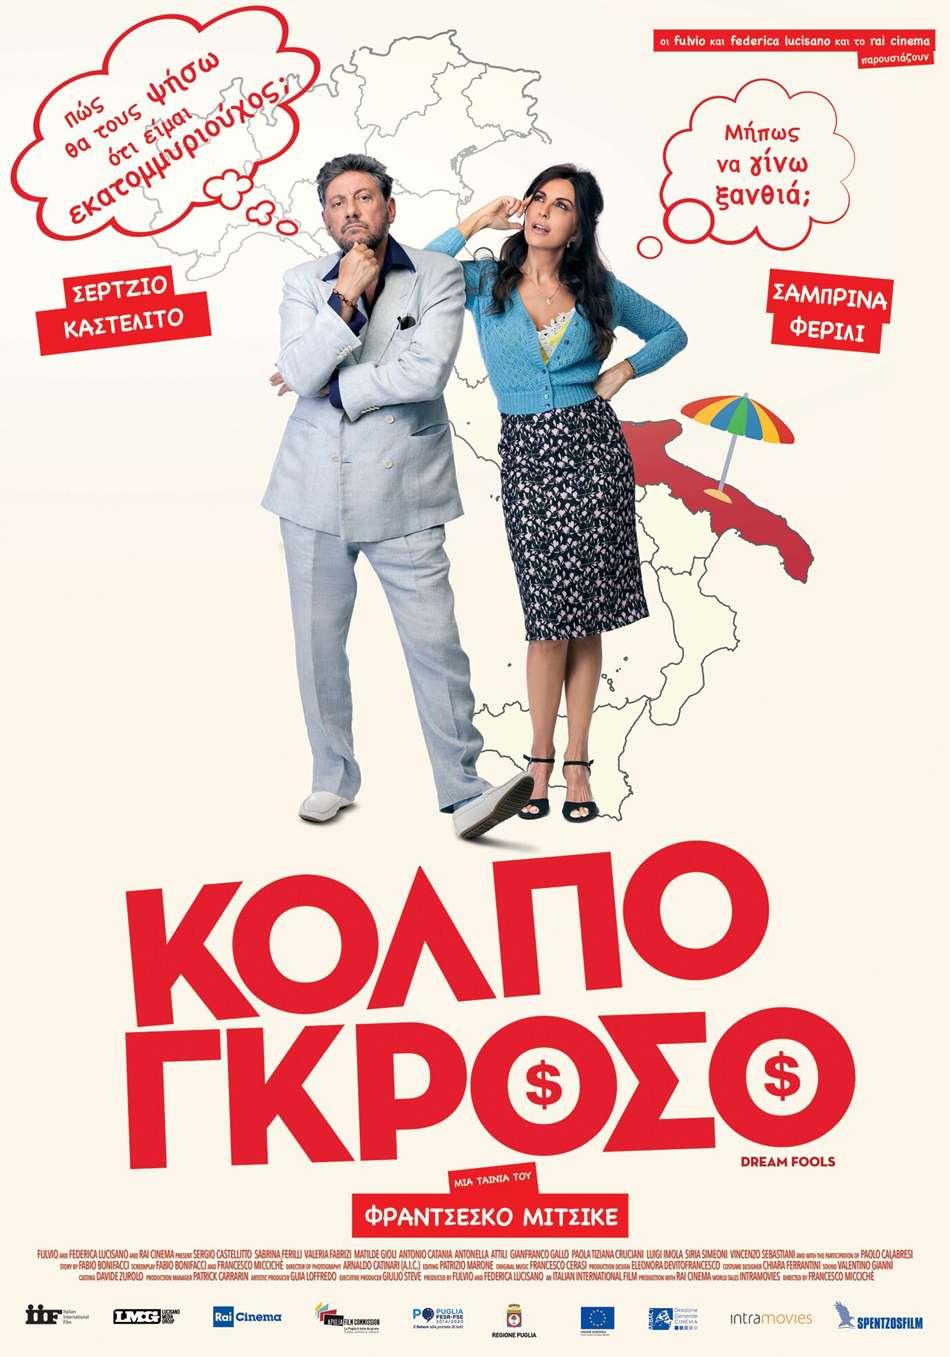 Κόλπο Γκρόσο (Ricchi di fantasia / Dreamfools) Poster Πόστερ